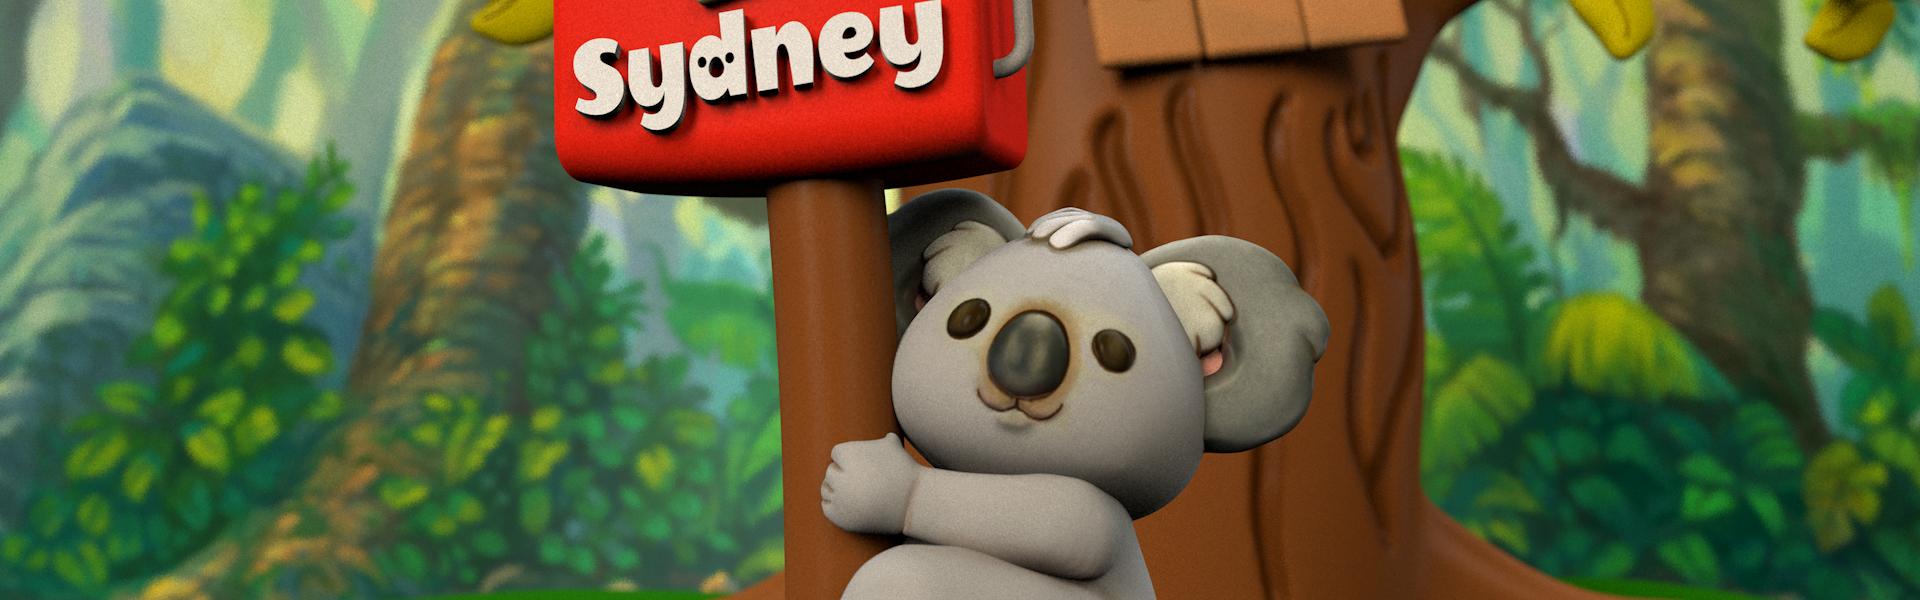 Video Koala Sydney in Love